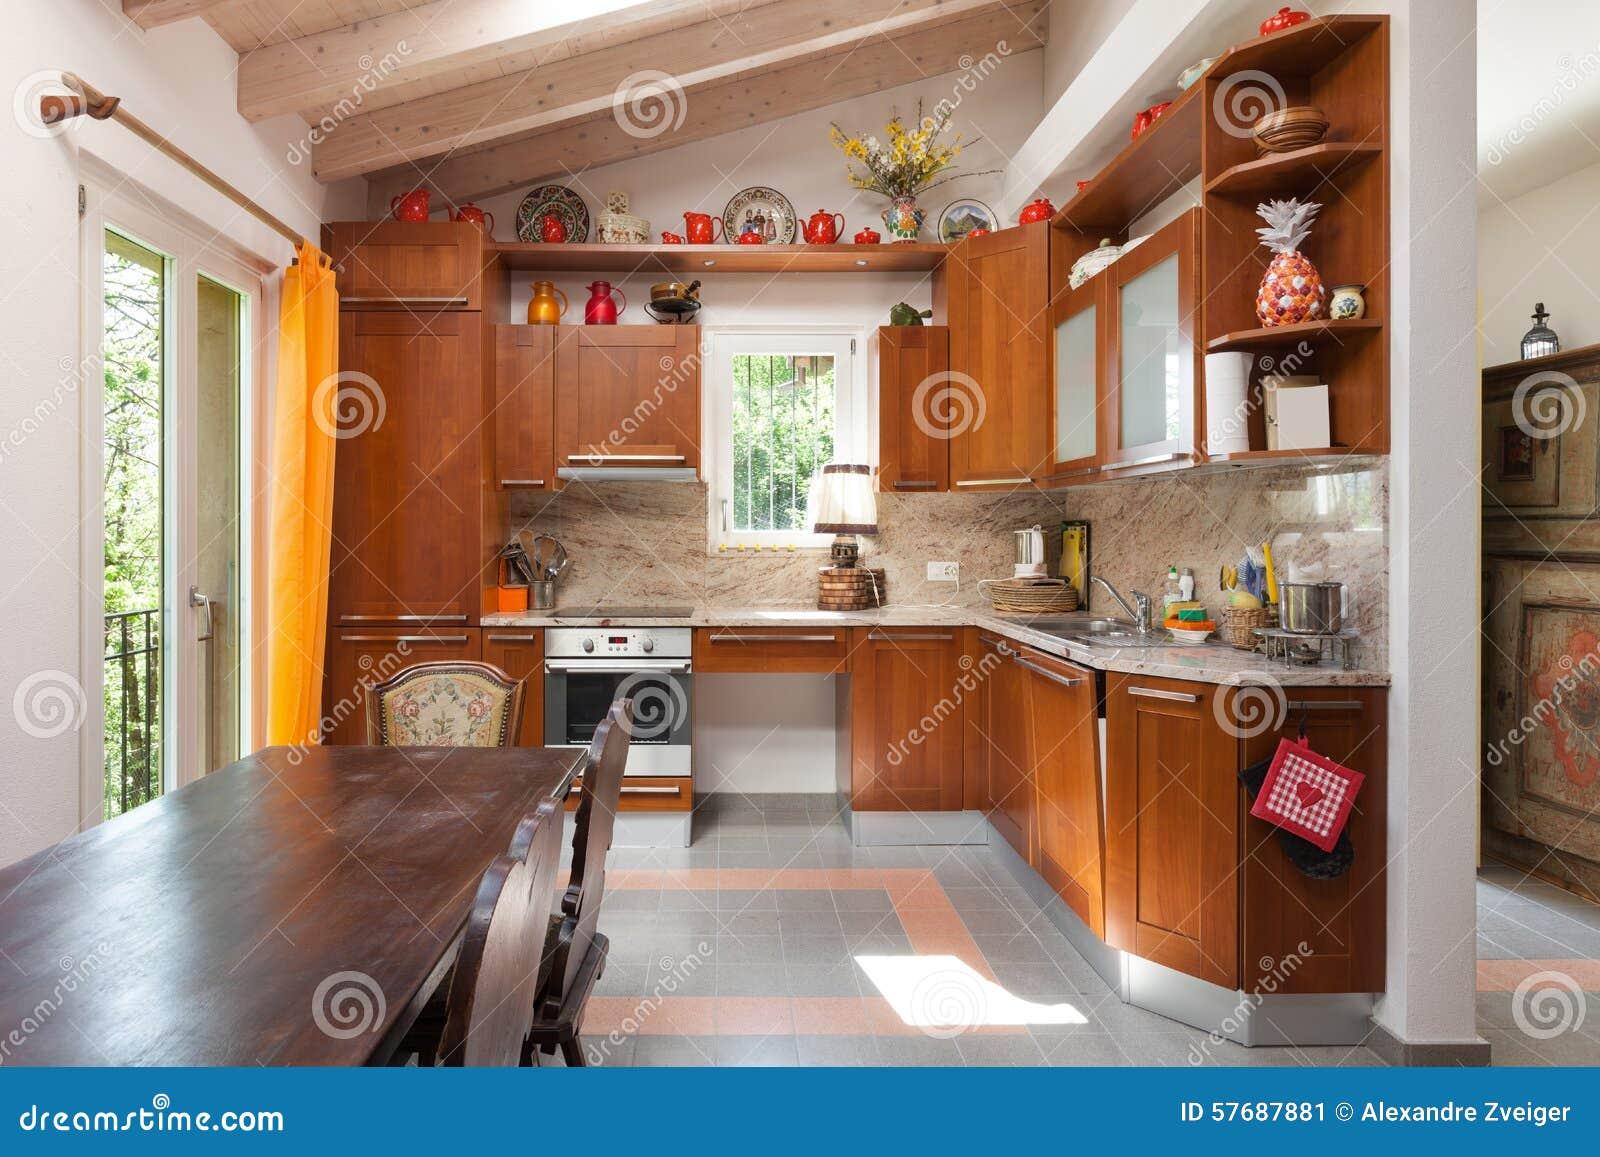 Cucine di campagna interesting cucine di campagna with cucine di campagna elegant with cucine - Cucine di campagna ...